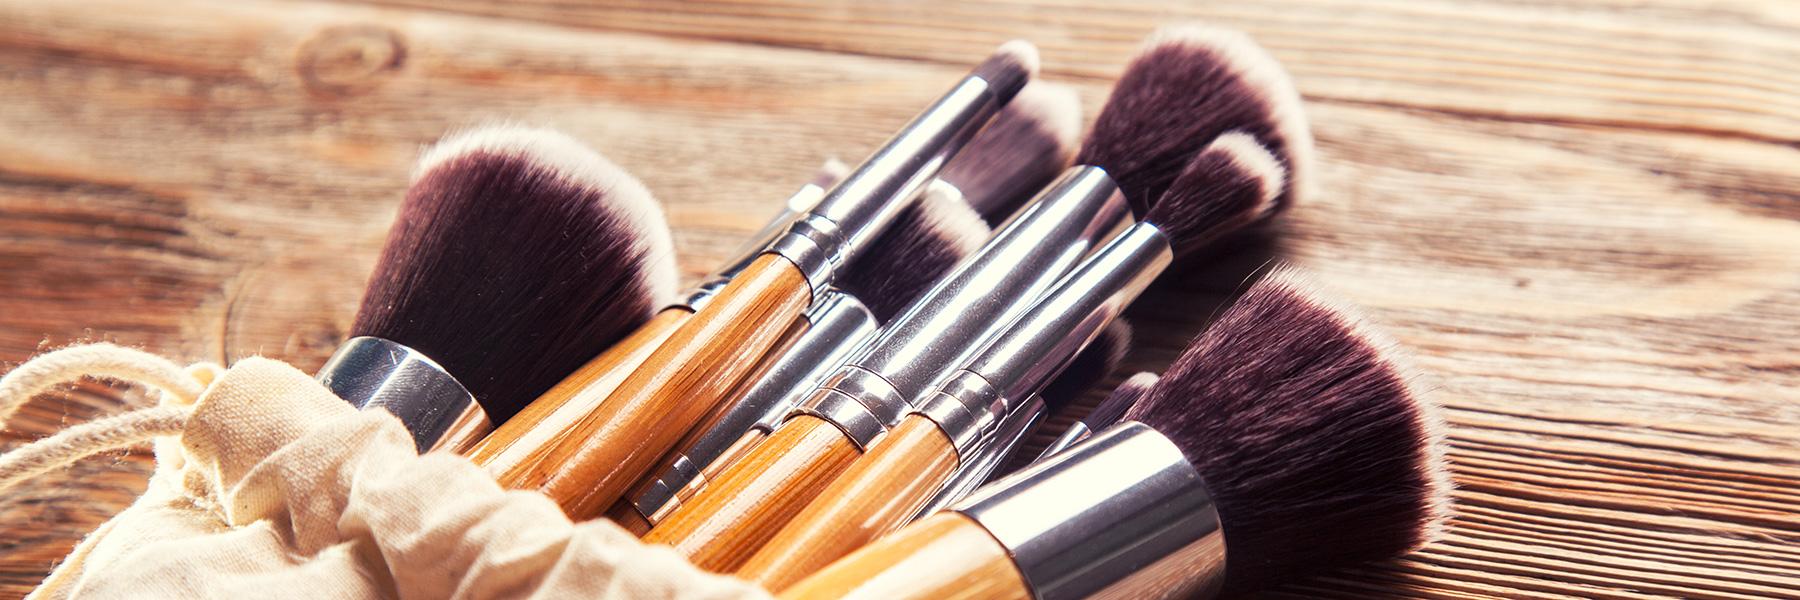 kosmetikstudio-kleine-auszeit-schminken